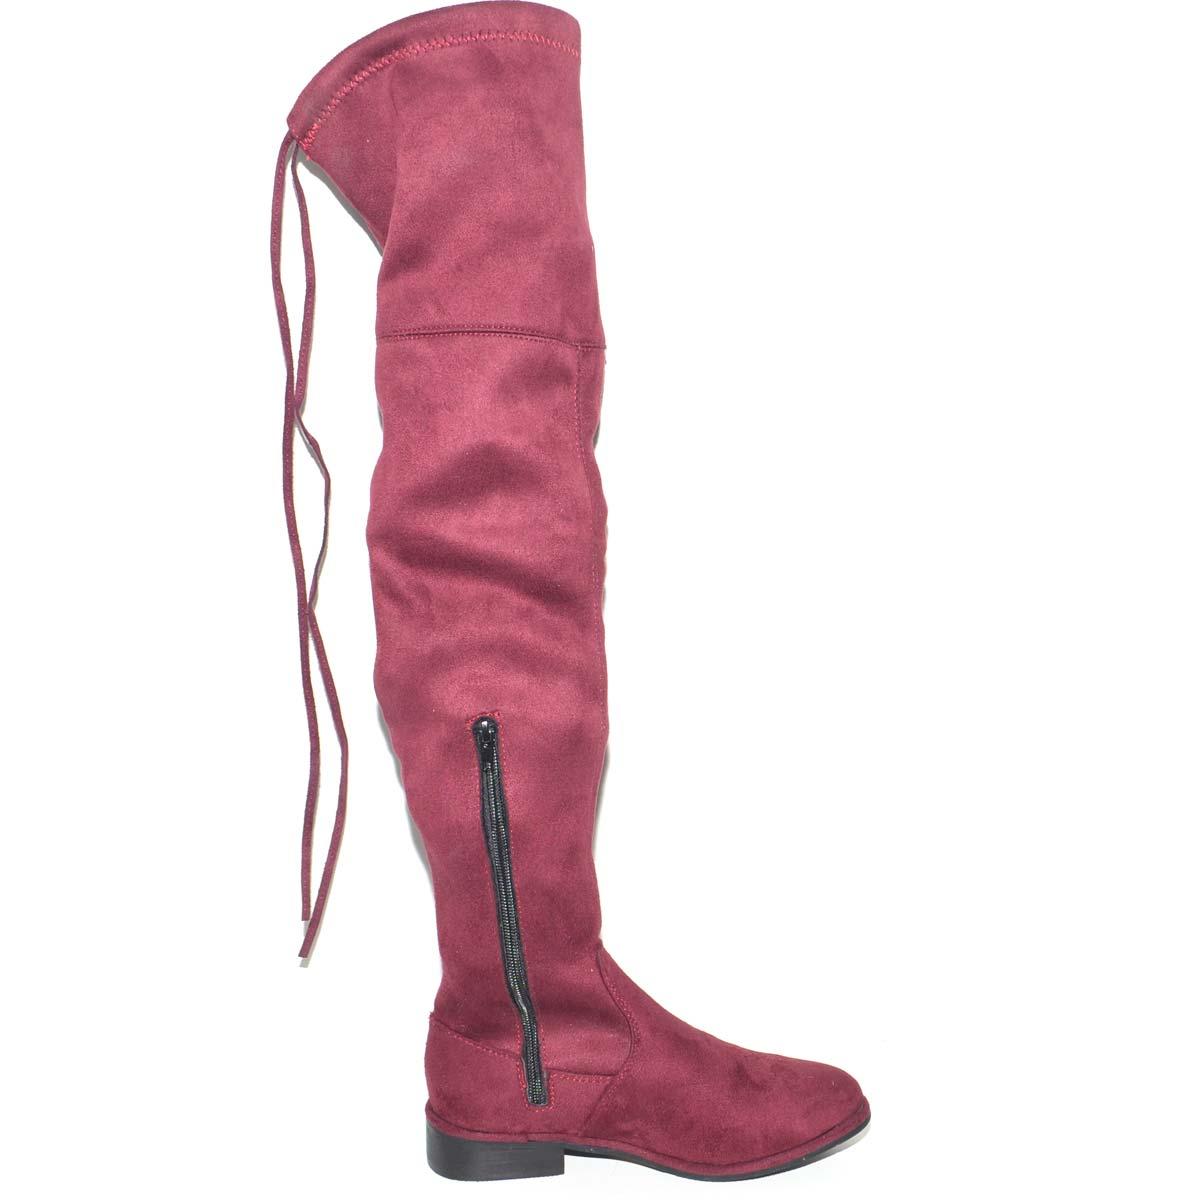 marca migliori stivali anatomiche donna